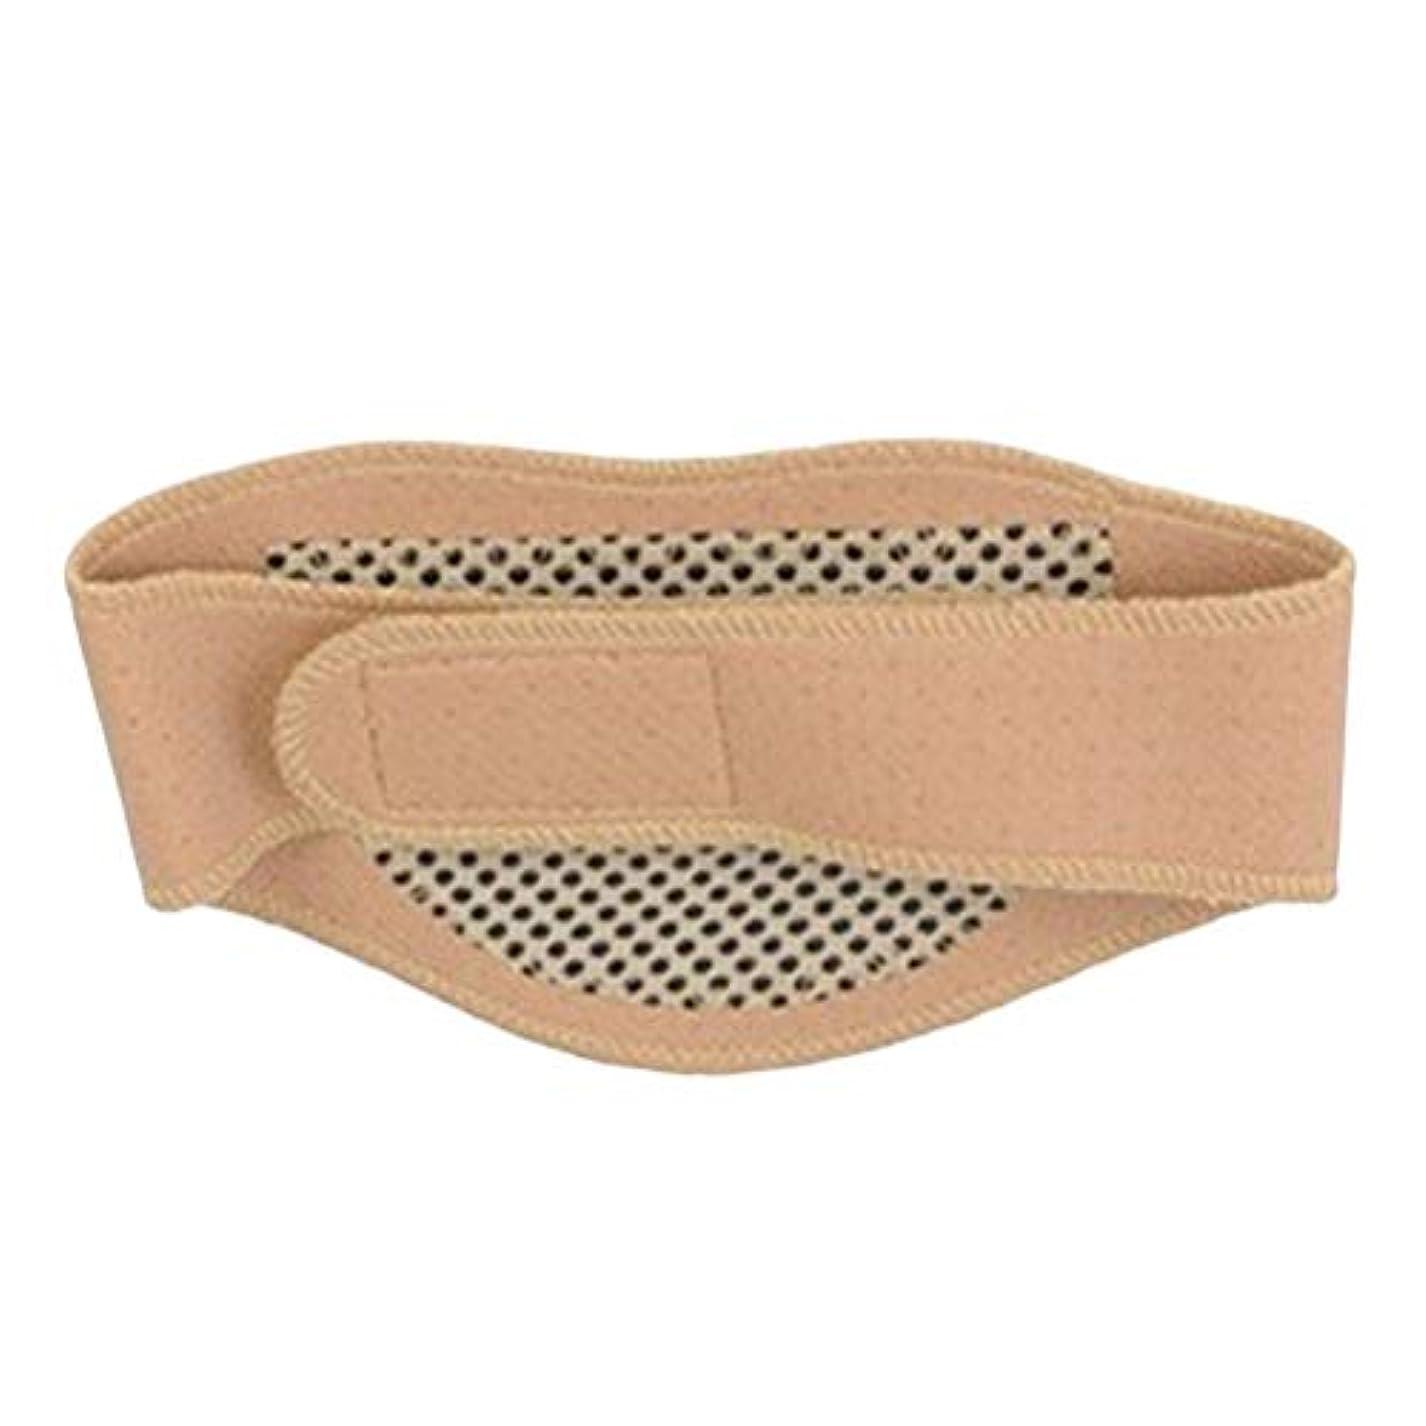 症状リフトディベートSUPVOX ネックバックストラップサポート自己保護頸椎自発暖房ガード磁気療法ネックブレース